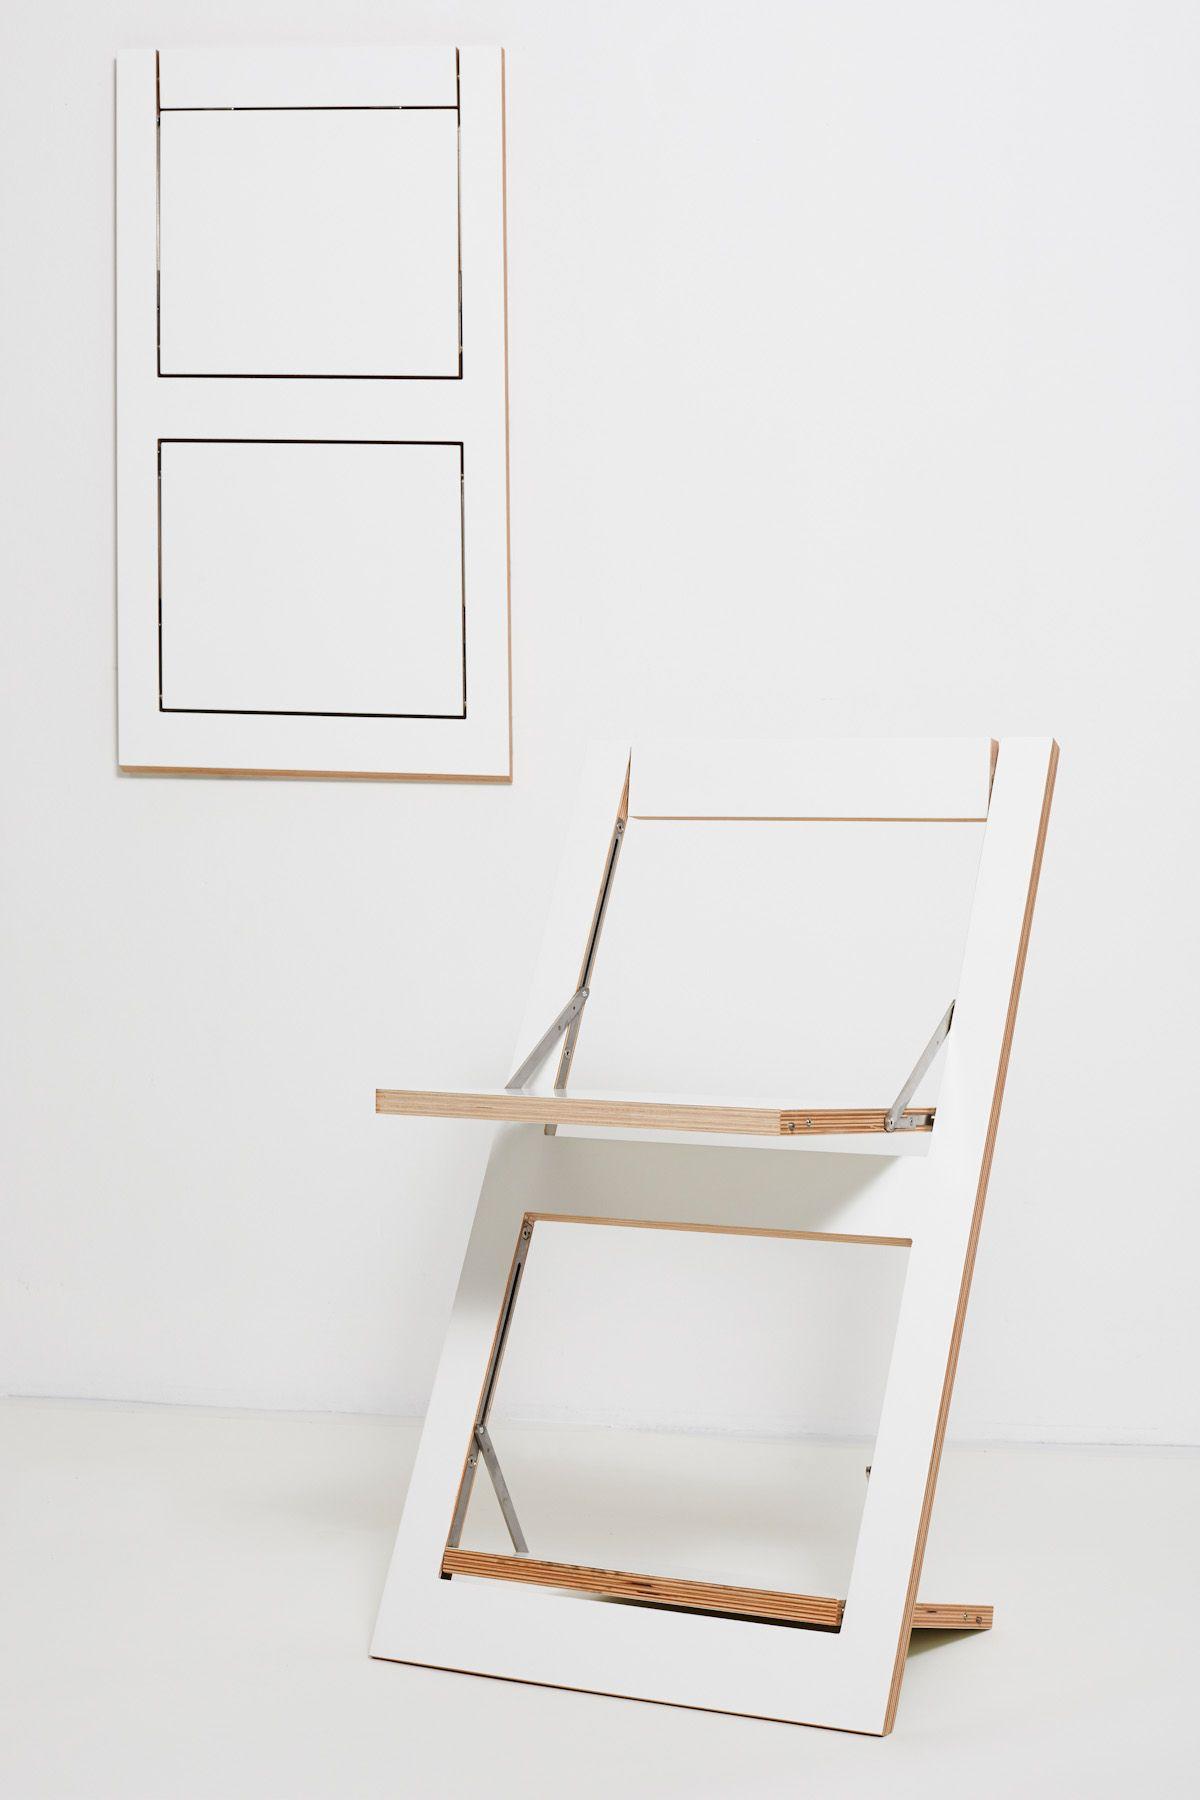 Der Flache Moderne Klappstuhl Fur Kleine Raume Klappstuhl Holz